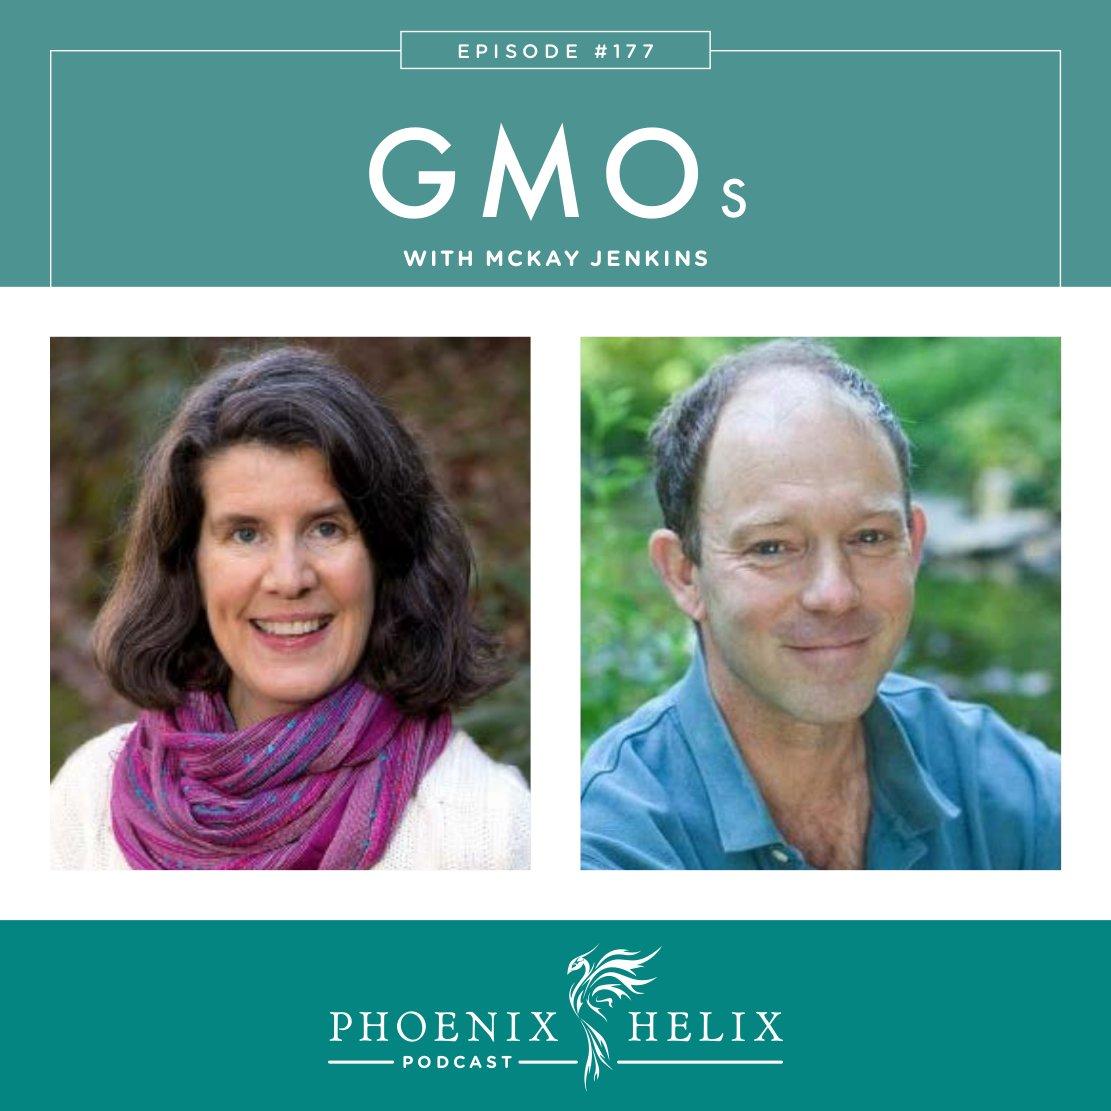 GMOs with McKay Jenkins   Phoenix Helix Podcast